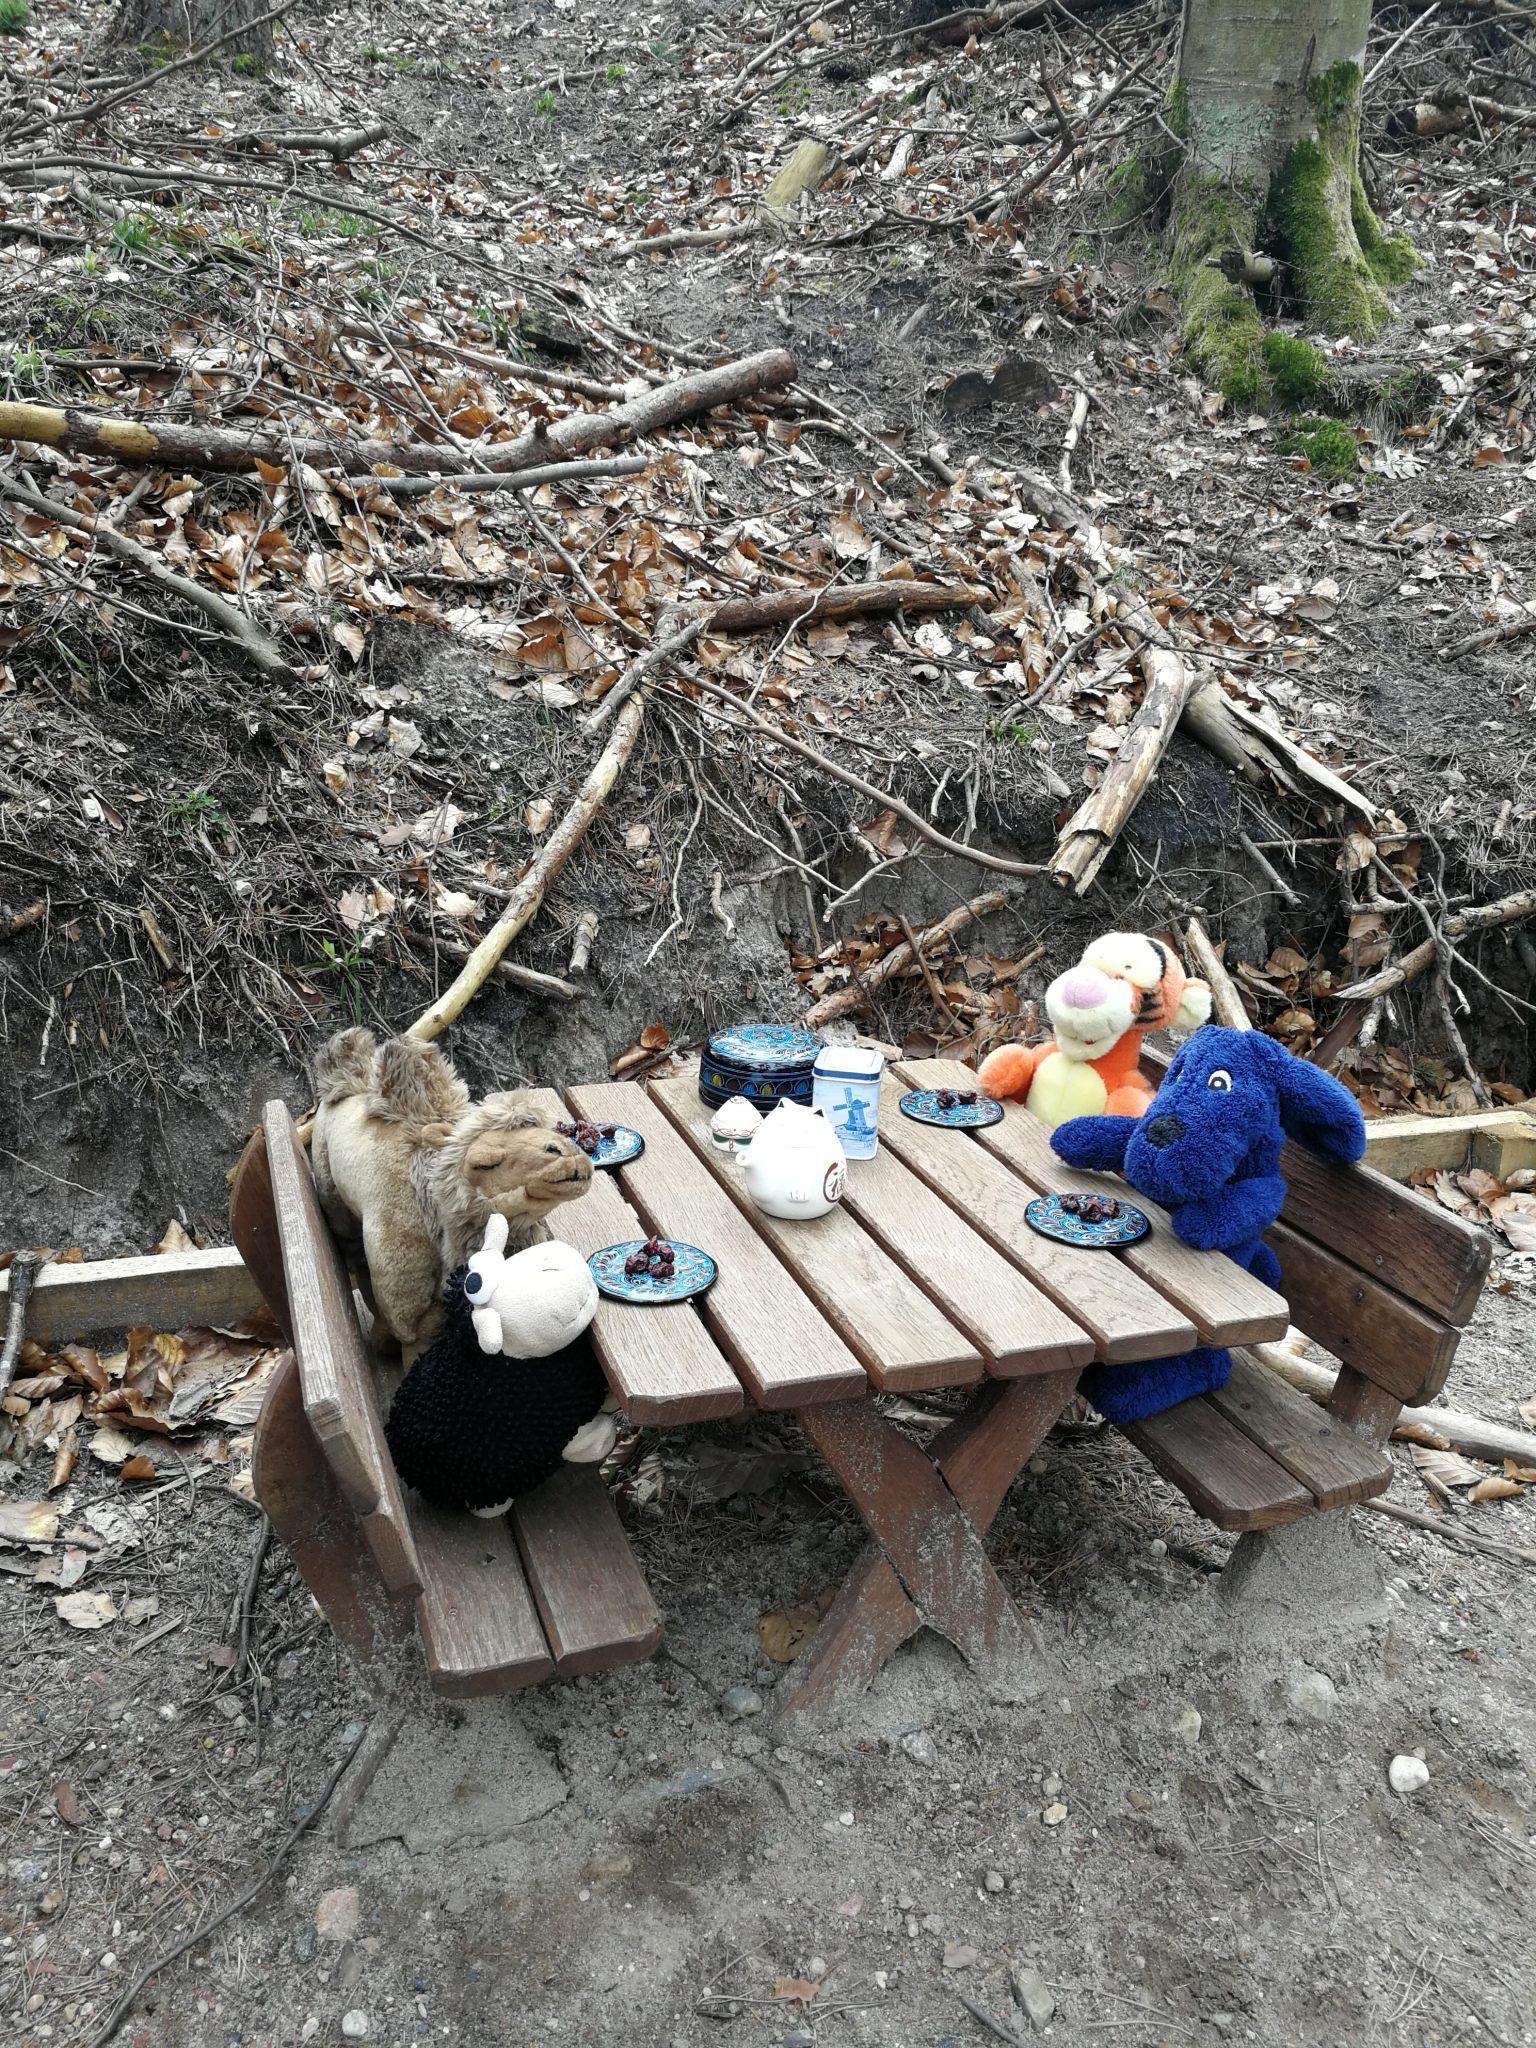 Szlak-Alicji-w-Marszewie-ławeczki-piknikowe-dla-skrzatów-z-których-chętnie-korzystają-maskotki